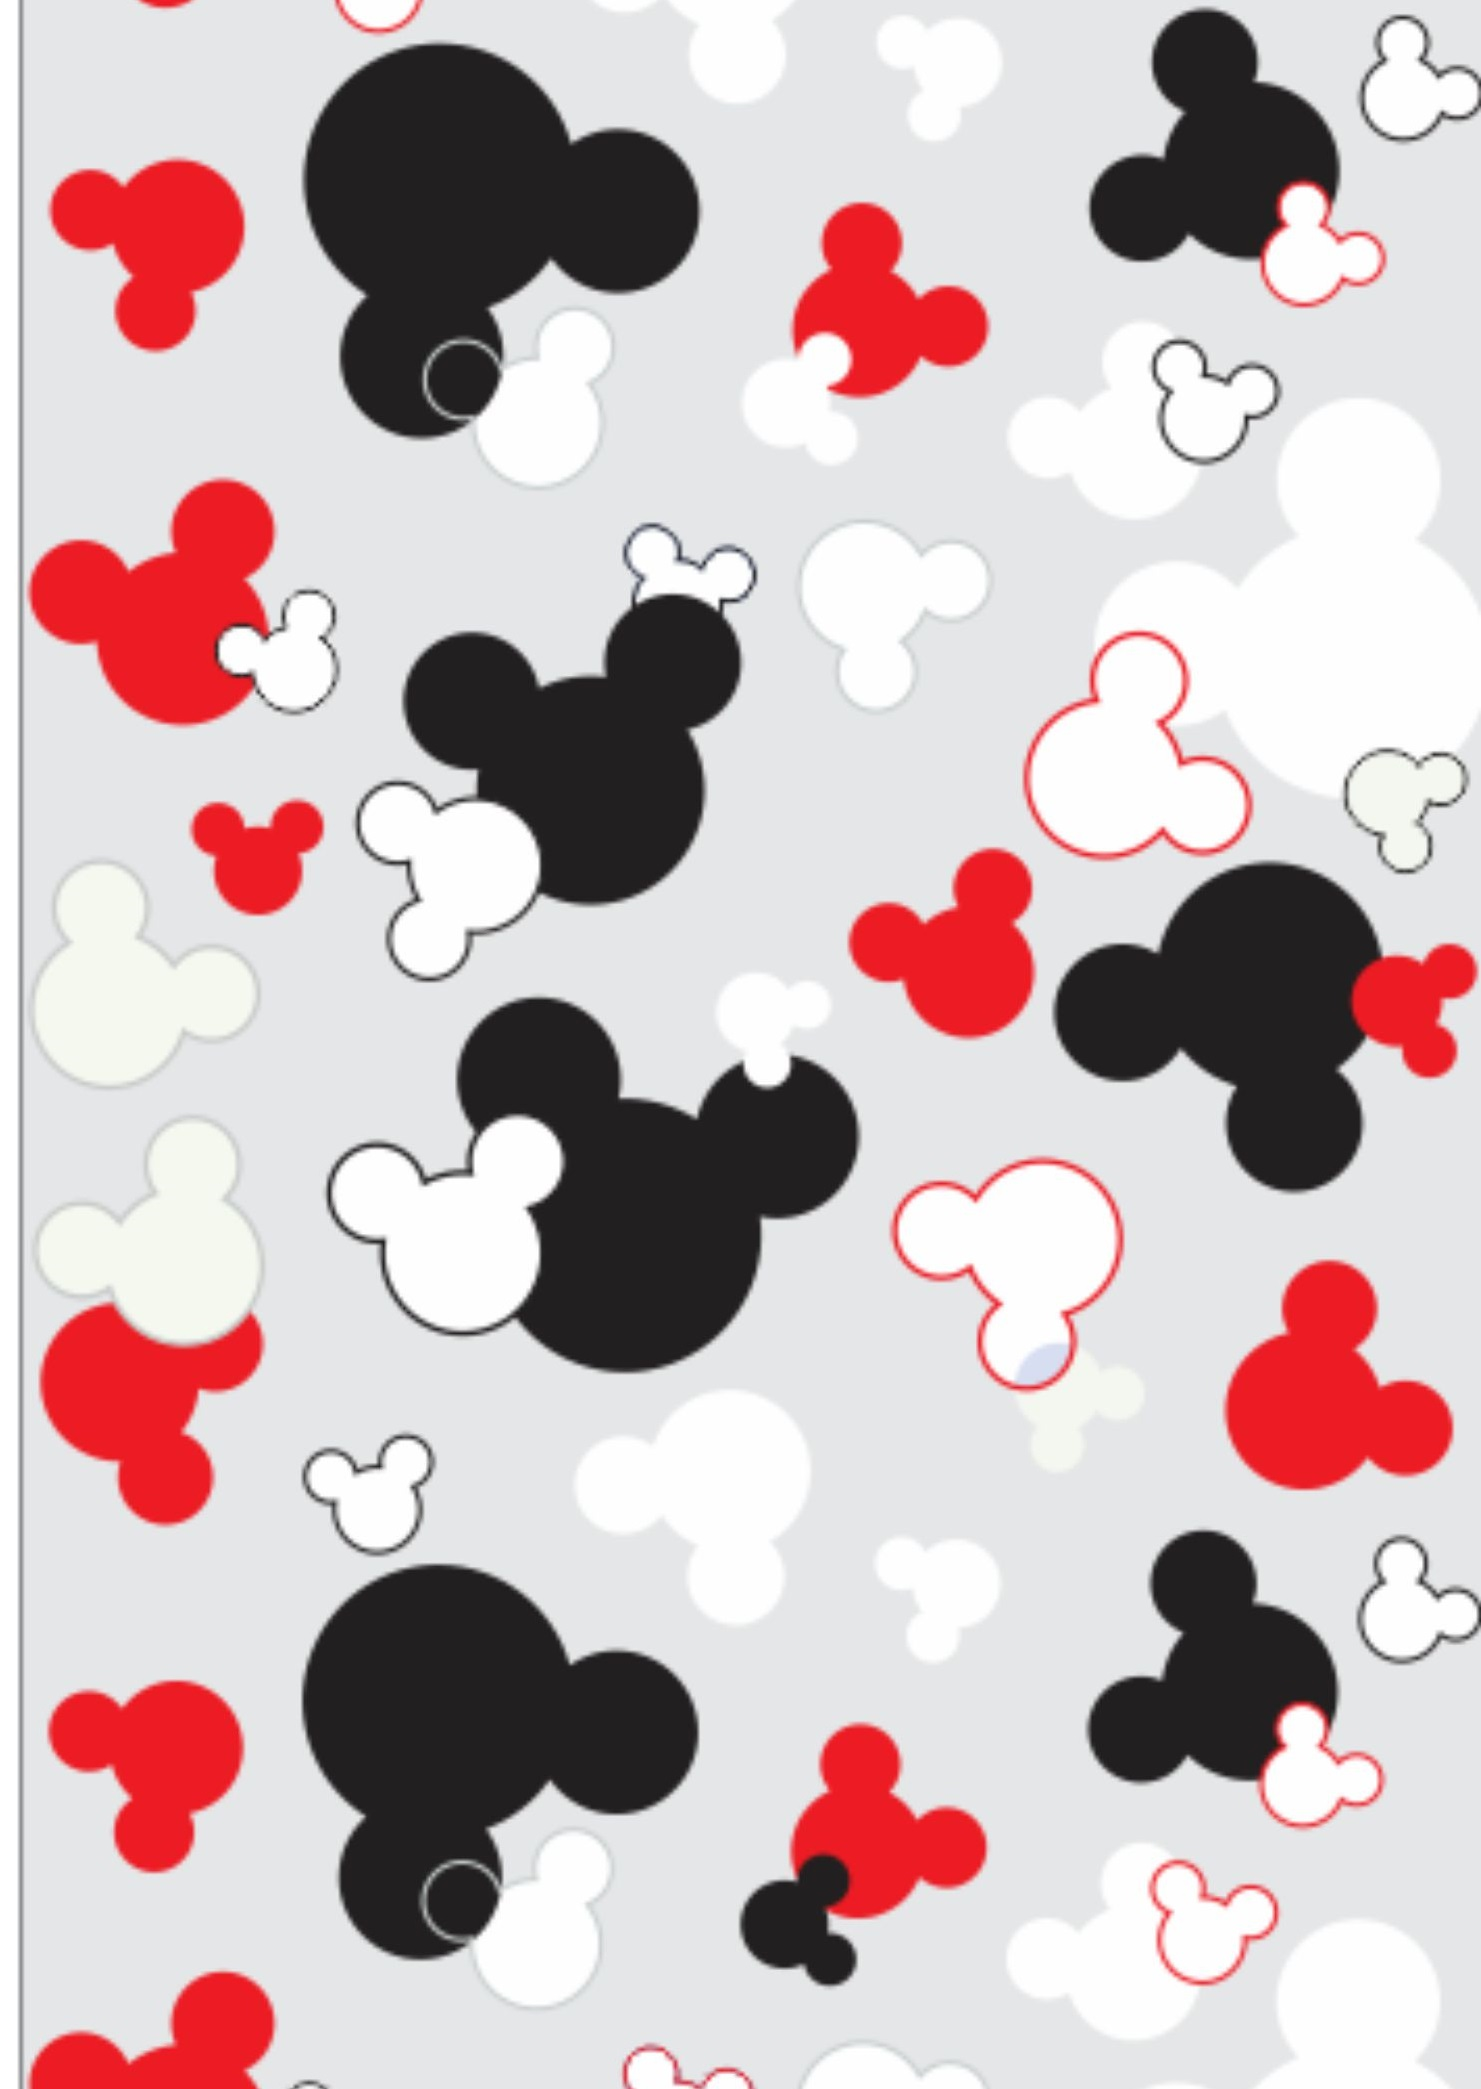 Papel de parede disney mickey mouse 02 crie decore elo7 - Paredes de papel ...